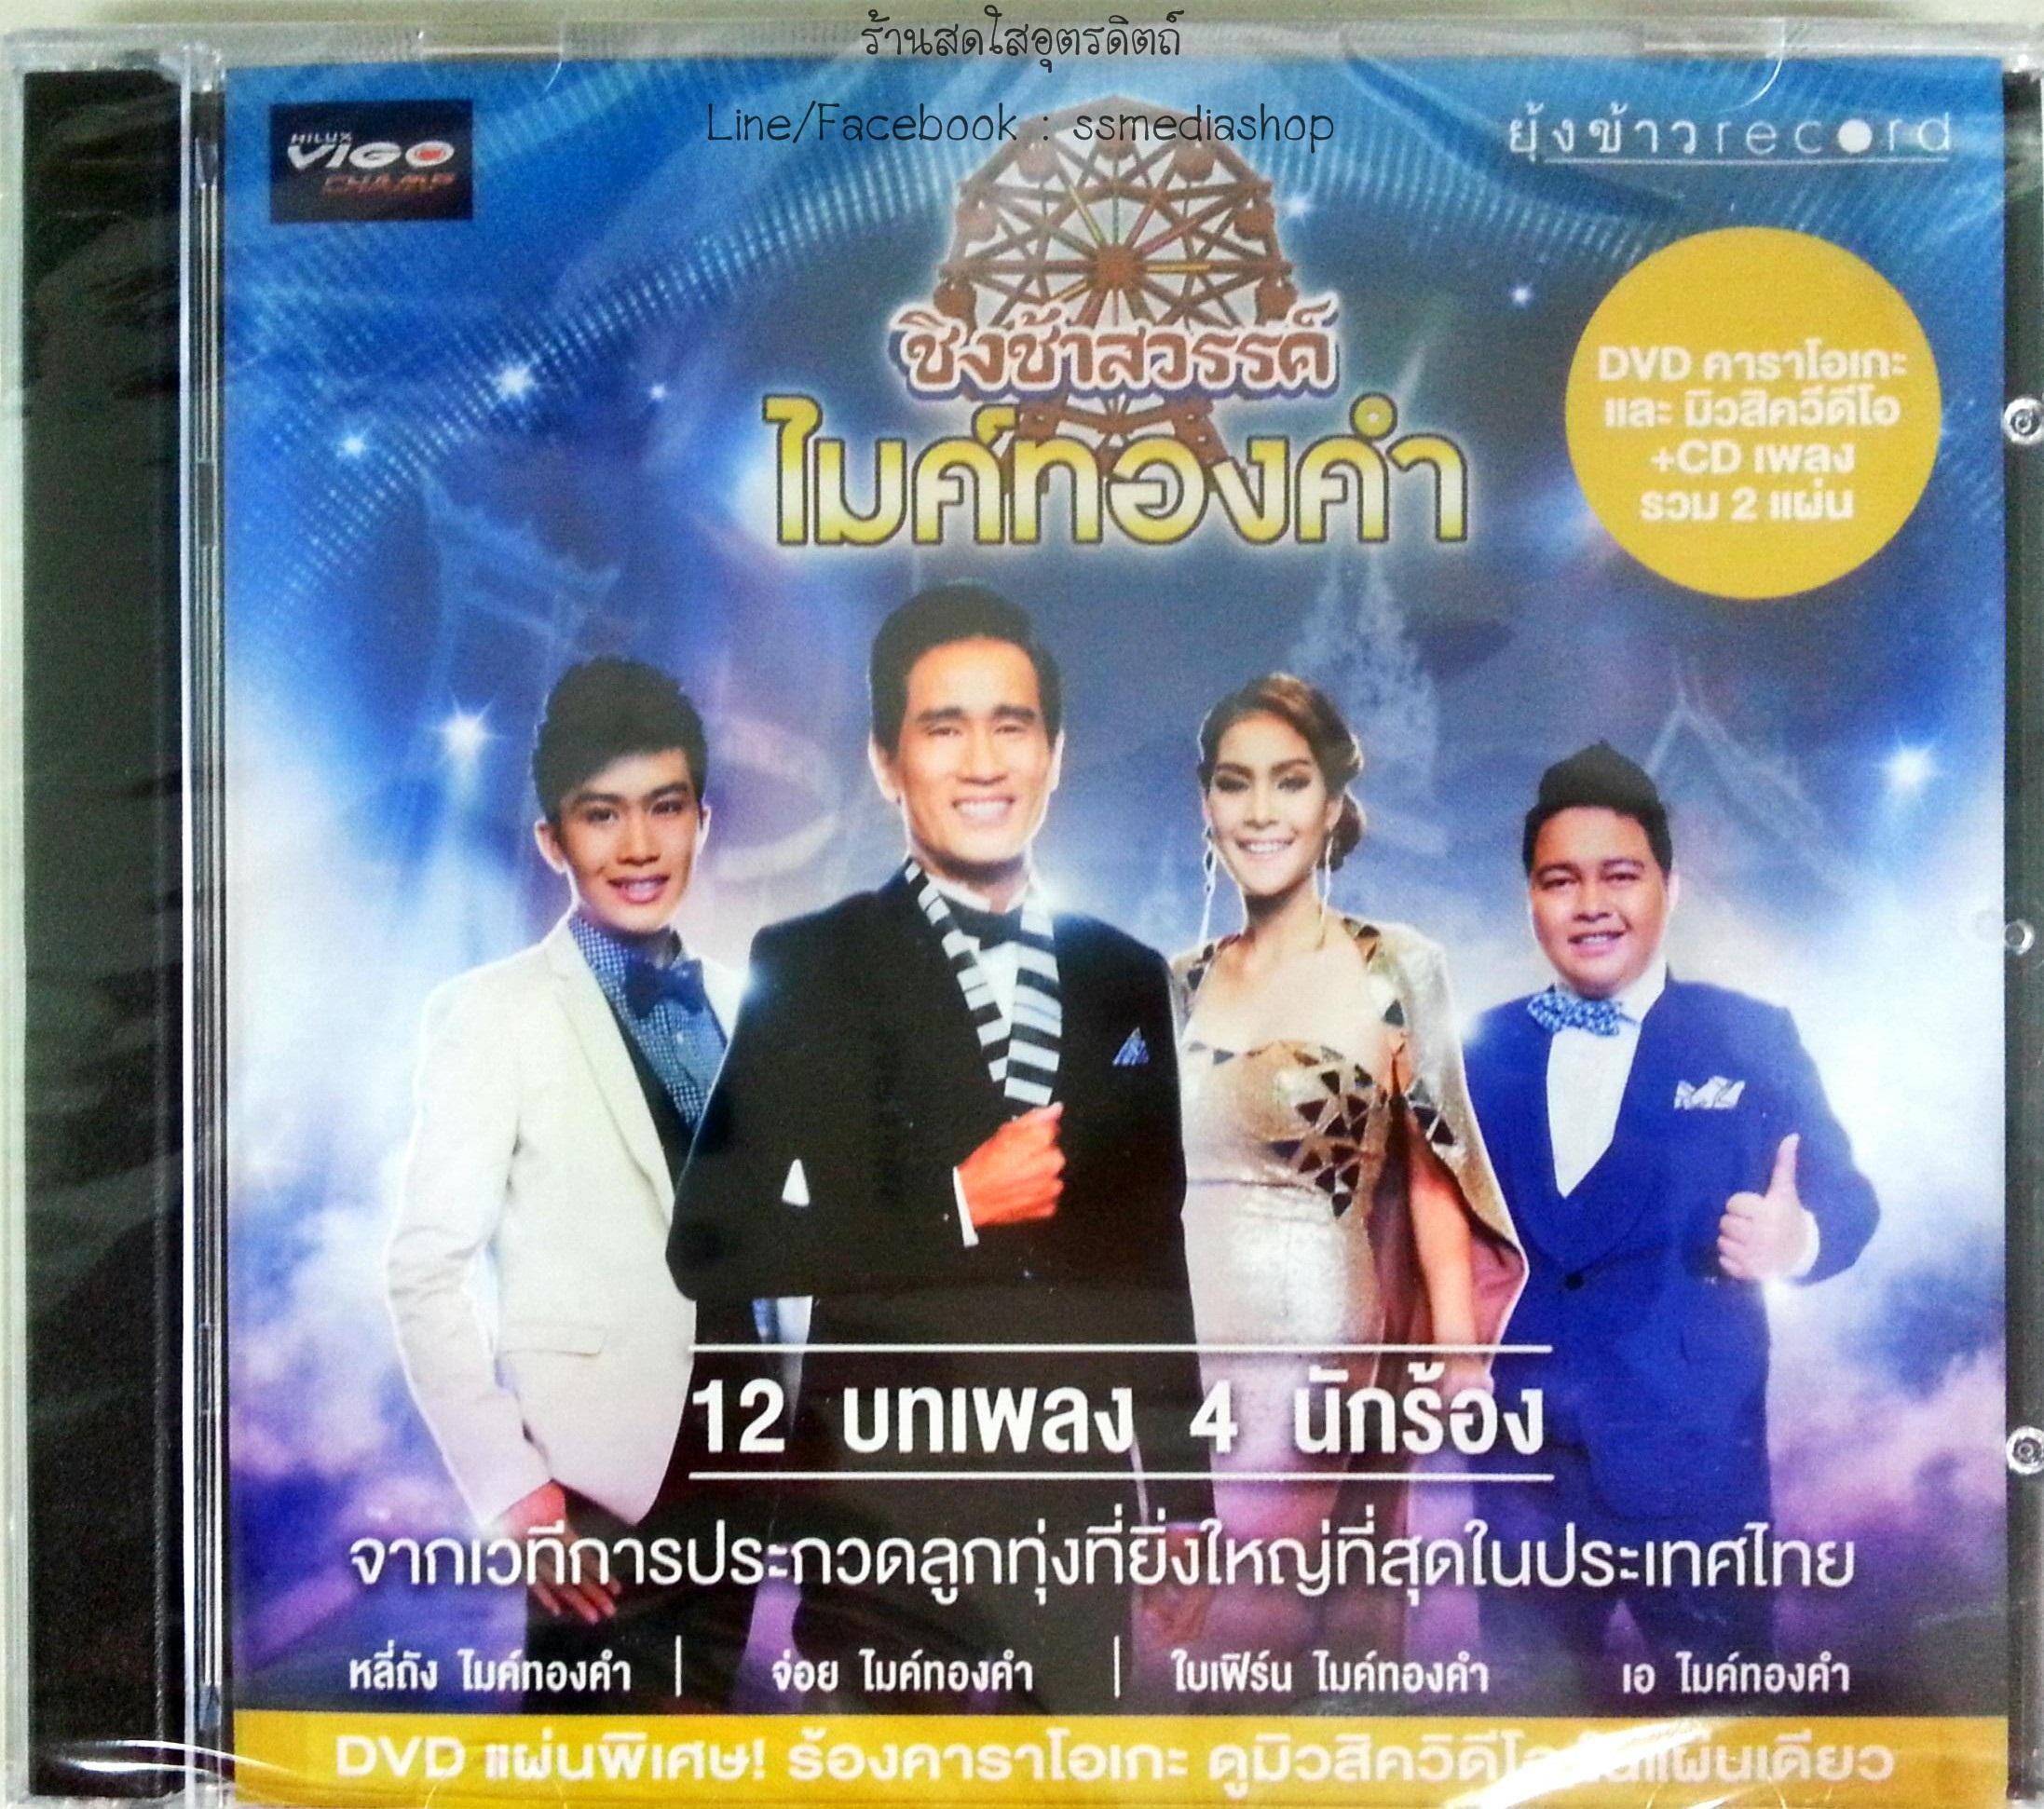 CD+DVD ชิงช้าสวรรค์ไมค์ทองคำ หลี่ถัง+จ่อย+ใบเฟิร์น+เอ